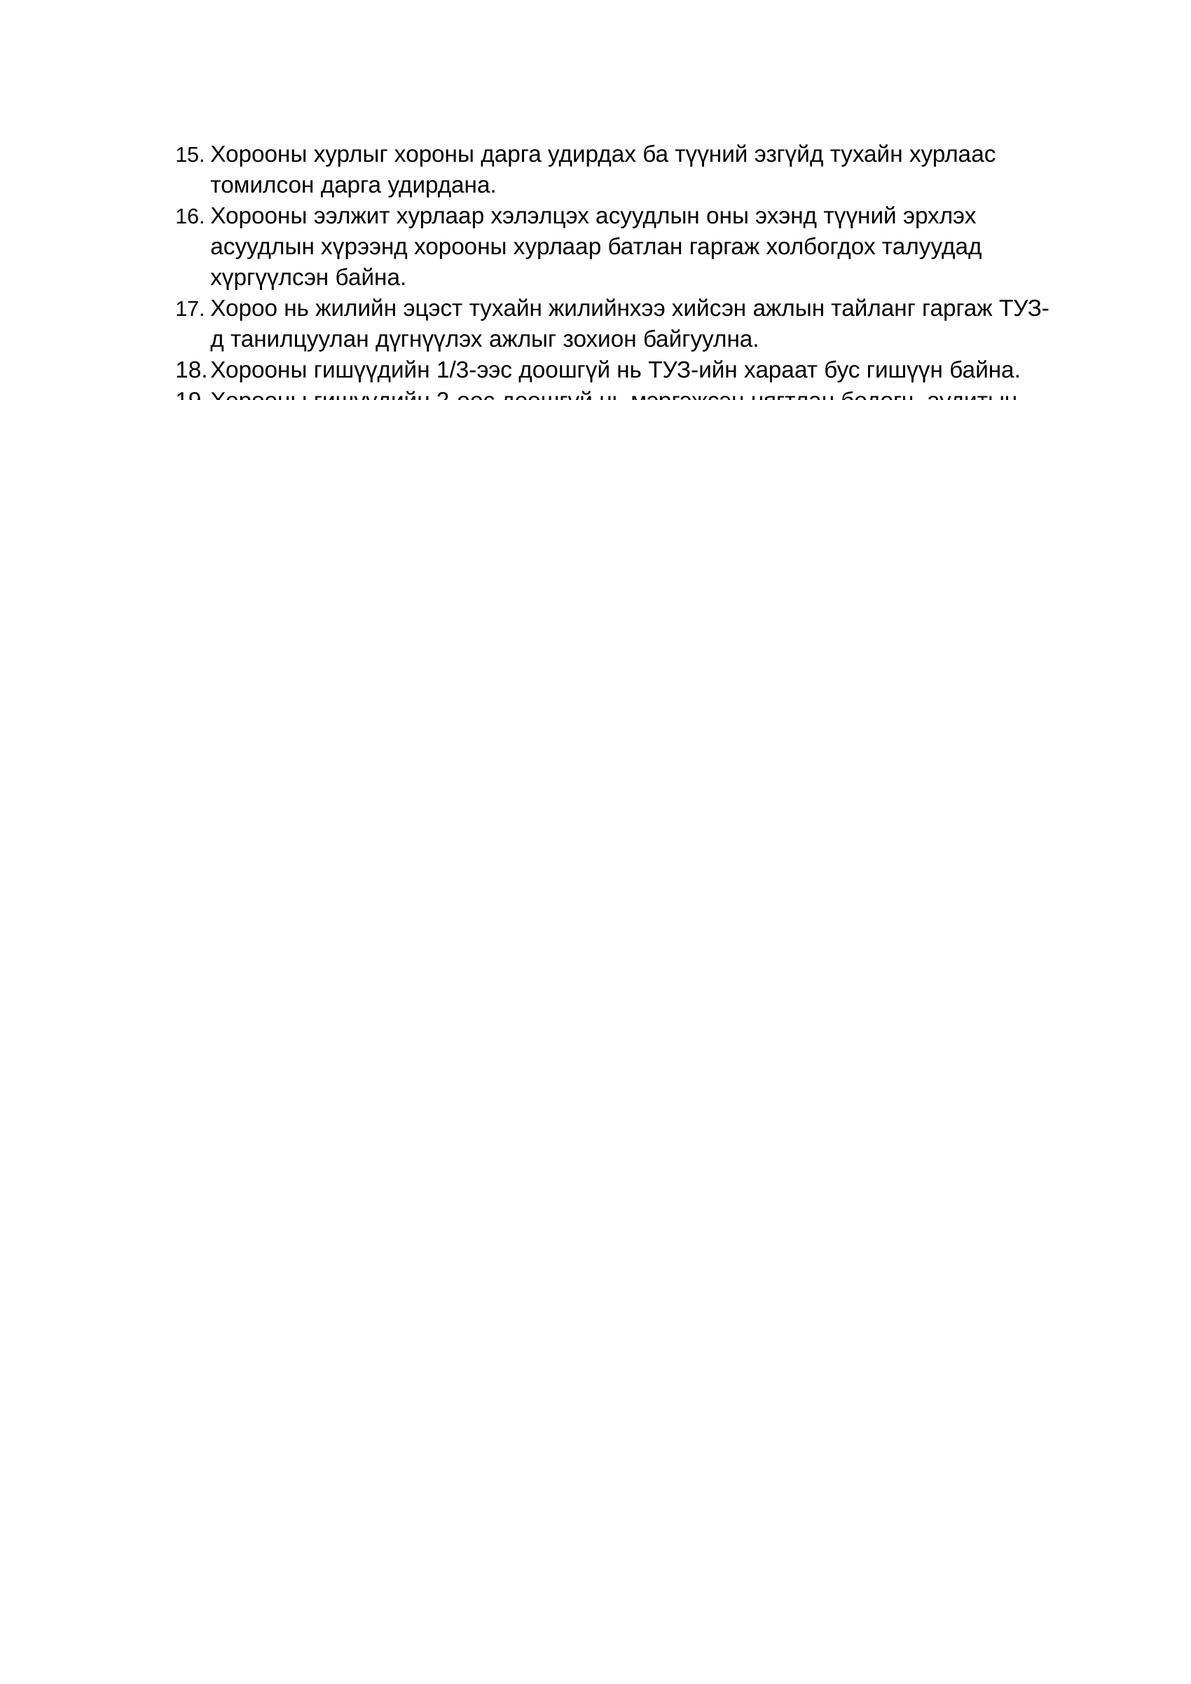 ТУЗ-ийн дэргэдэх Аудитын хорооны ажиллах журам-2